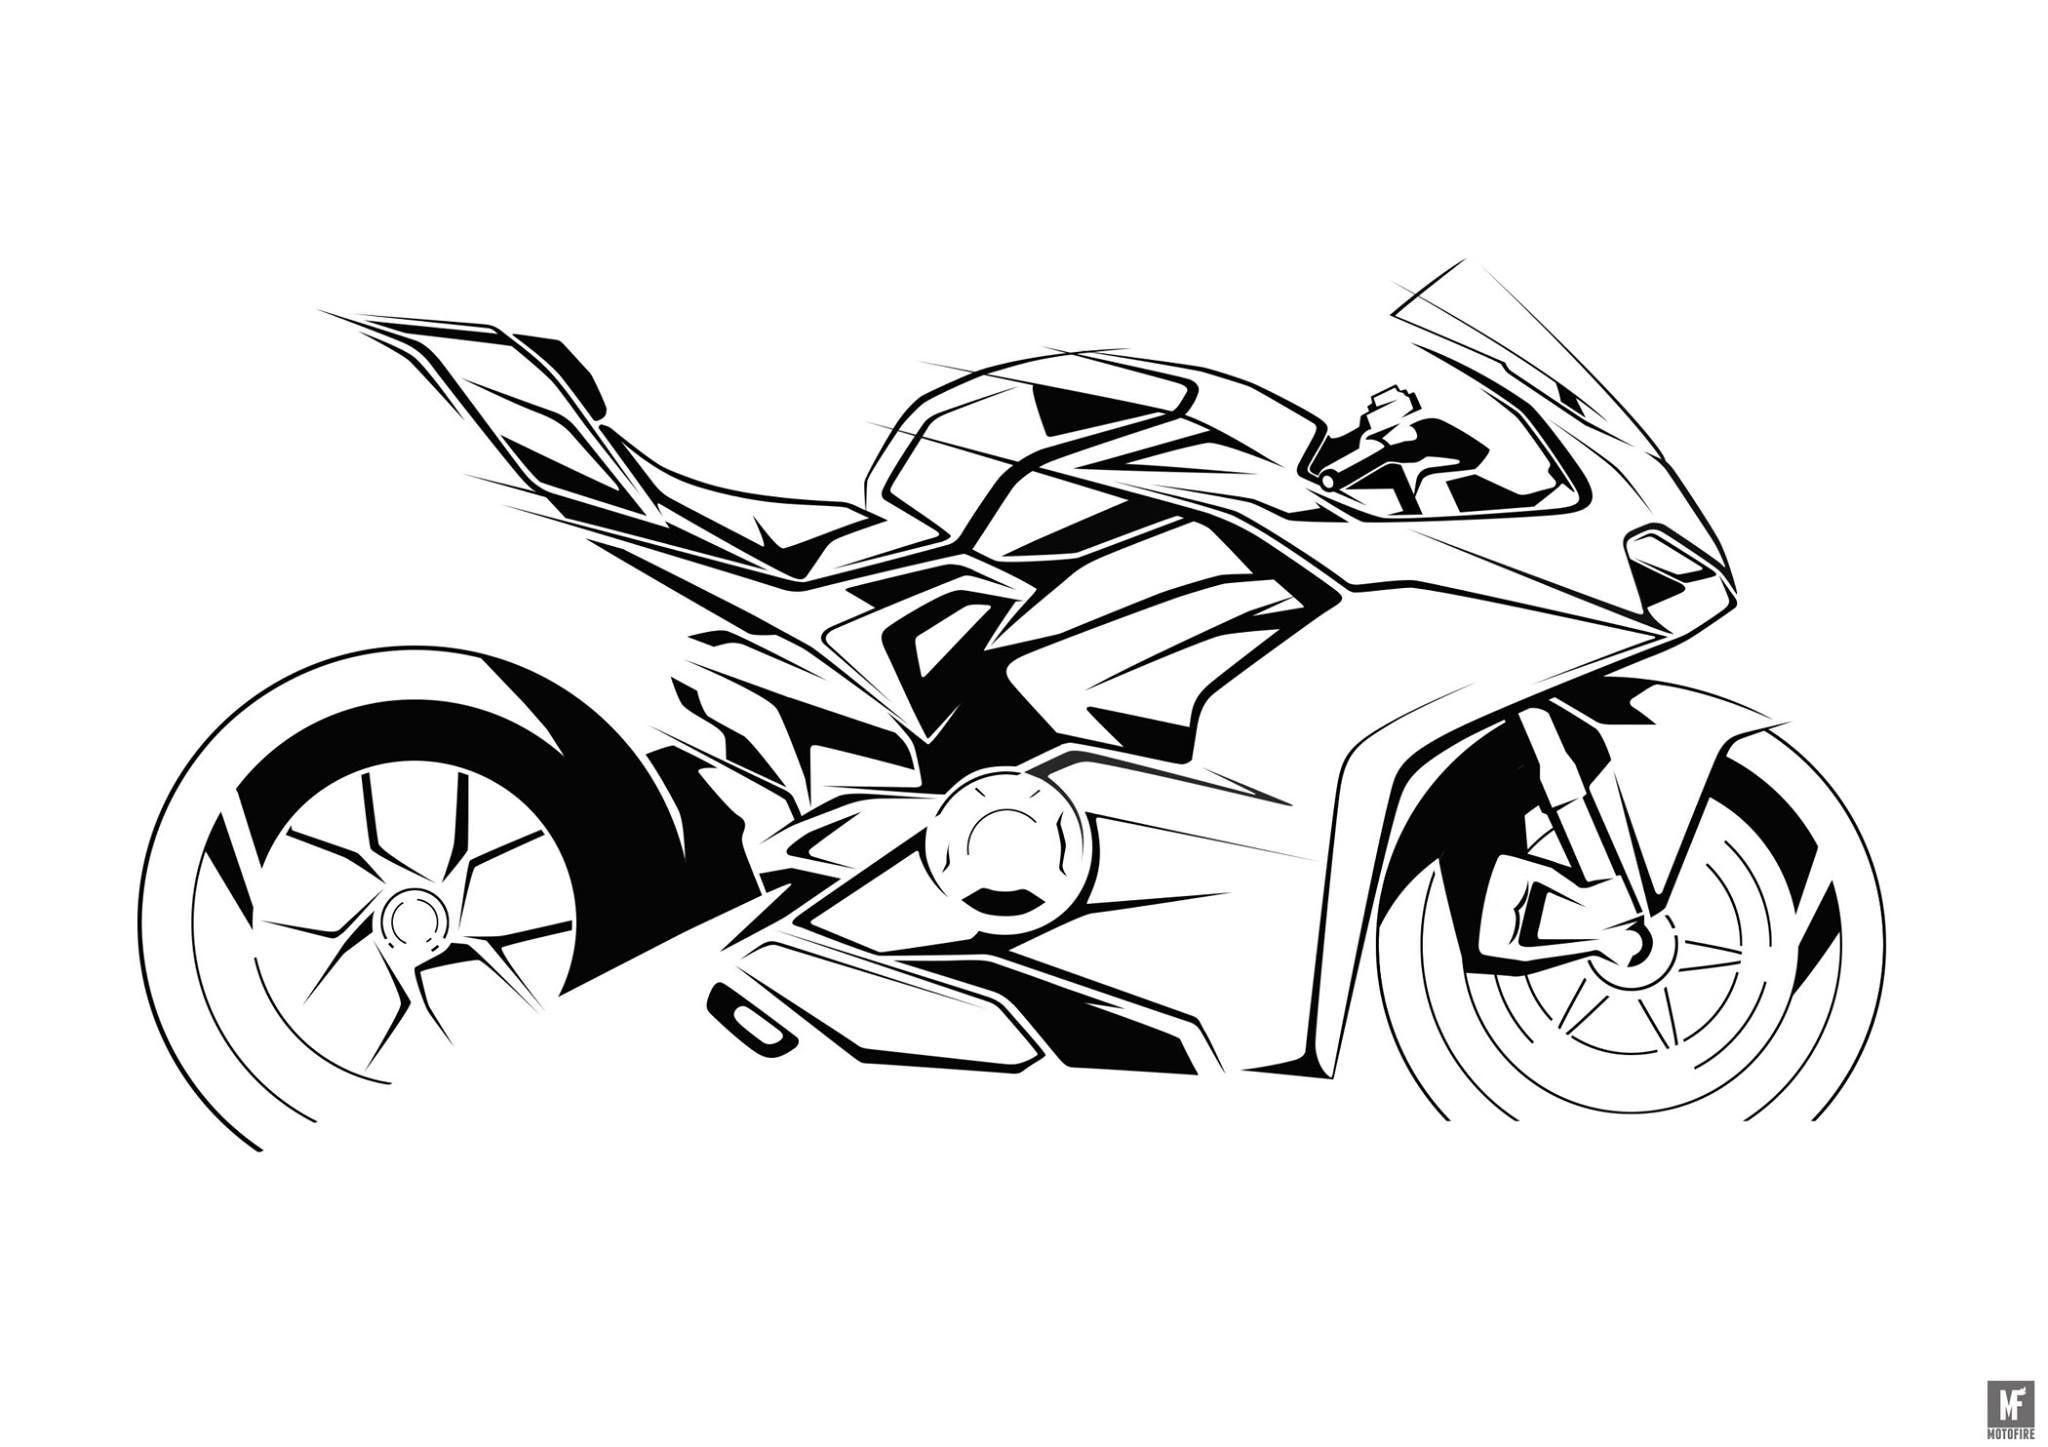 Élégant Dessin A Colorier Moto Ducati